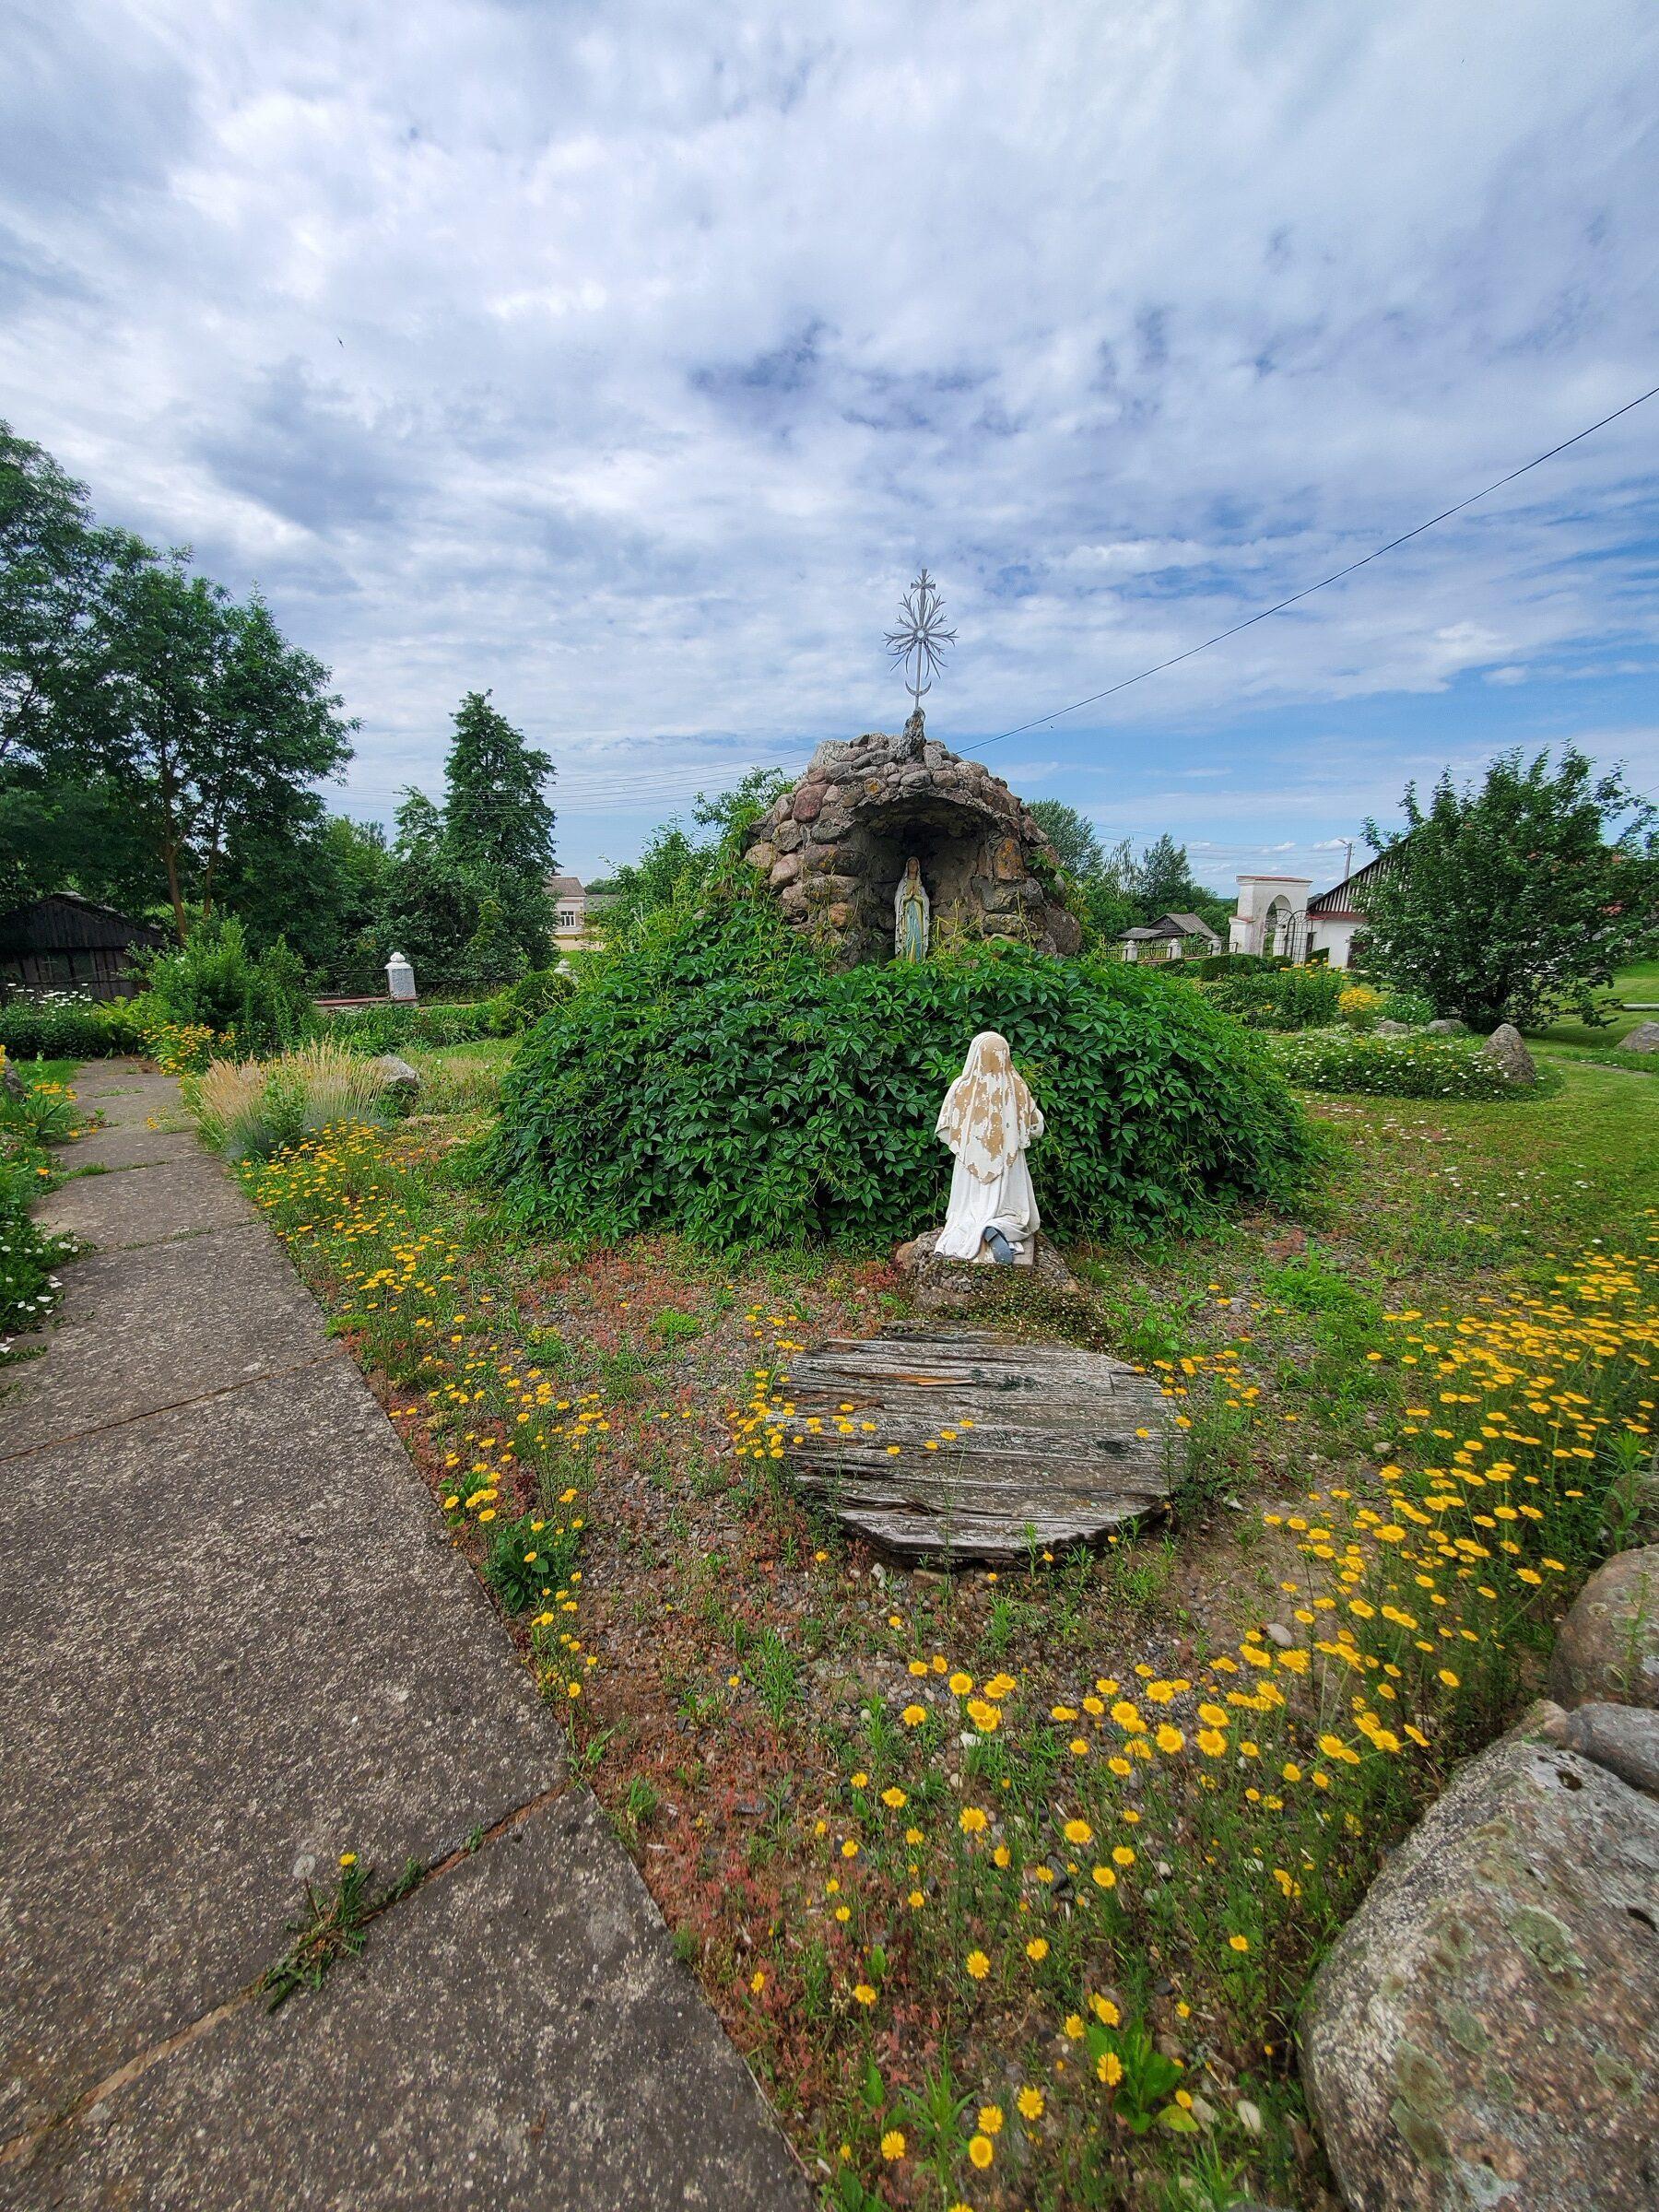 20200703 133816 rotated - Храм Непорочного Зачатия Девы Марии в Удело